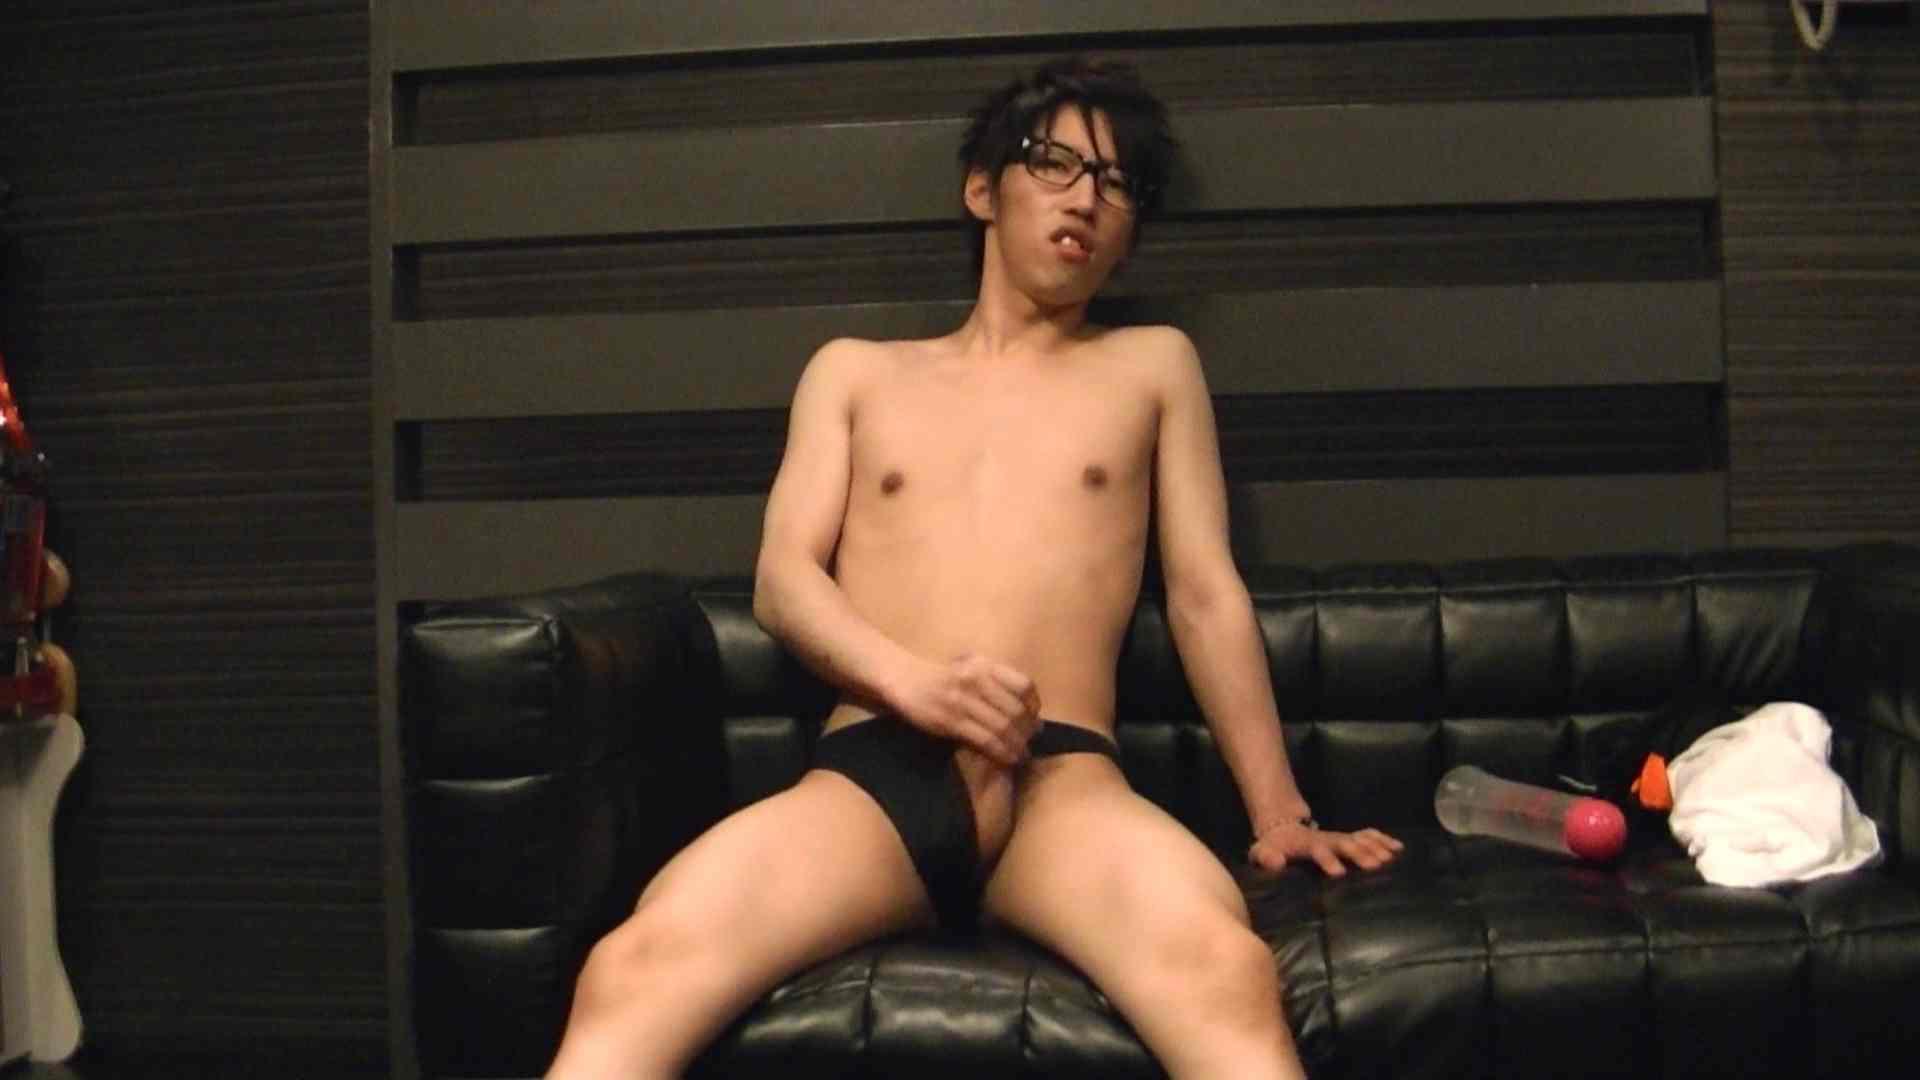 無修正セックス盗撮:Mr.オナックスさん投稿!HD 貴方のオナニー三万円で撮影させてください。VOL.04:投稿